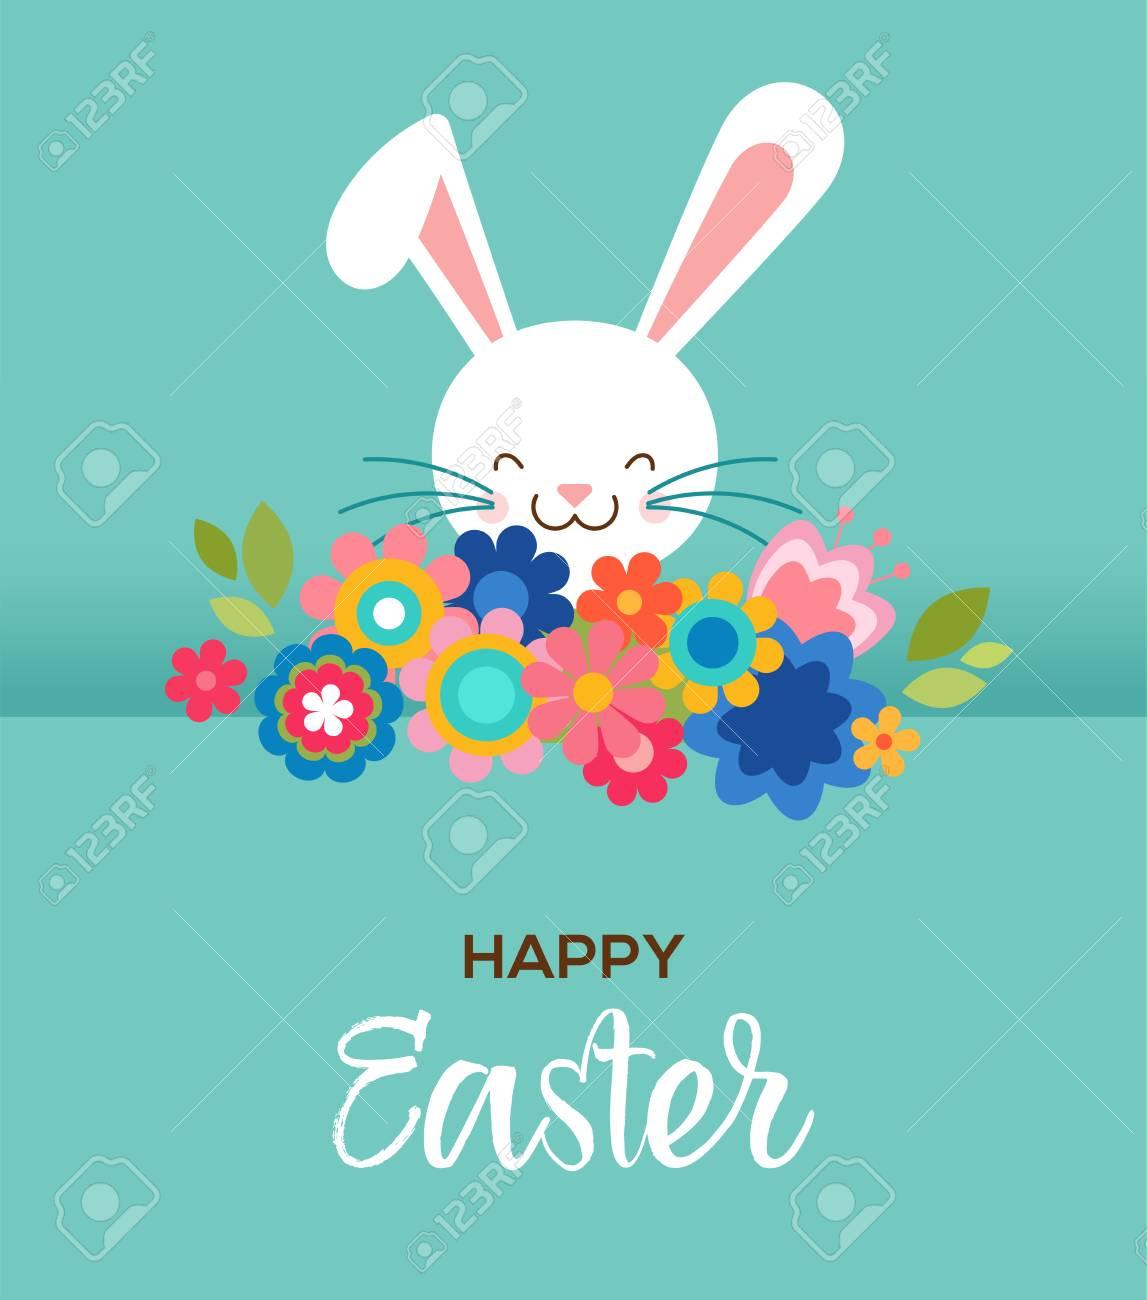 Frohe Ostern Grußkarte Poster Mit Niedlichen Süßen Hasen Und